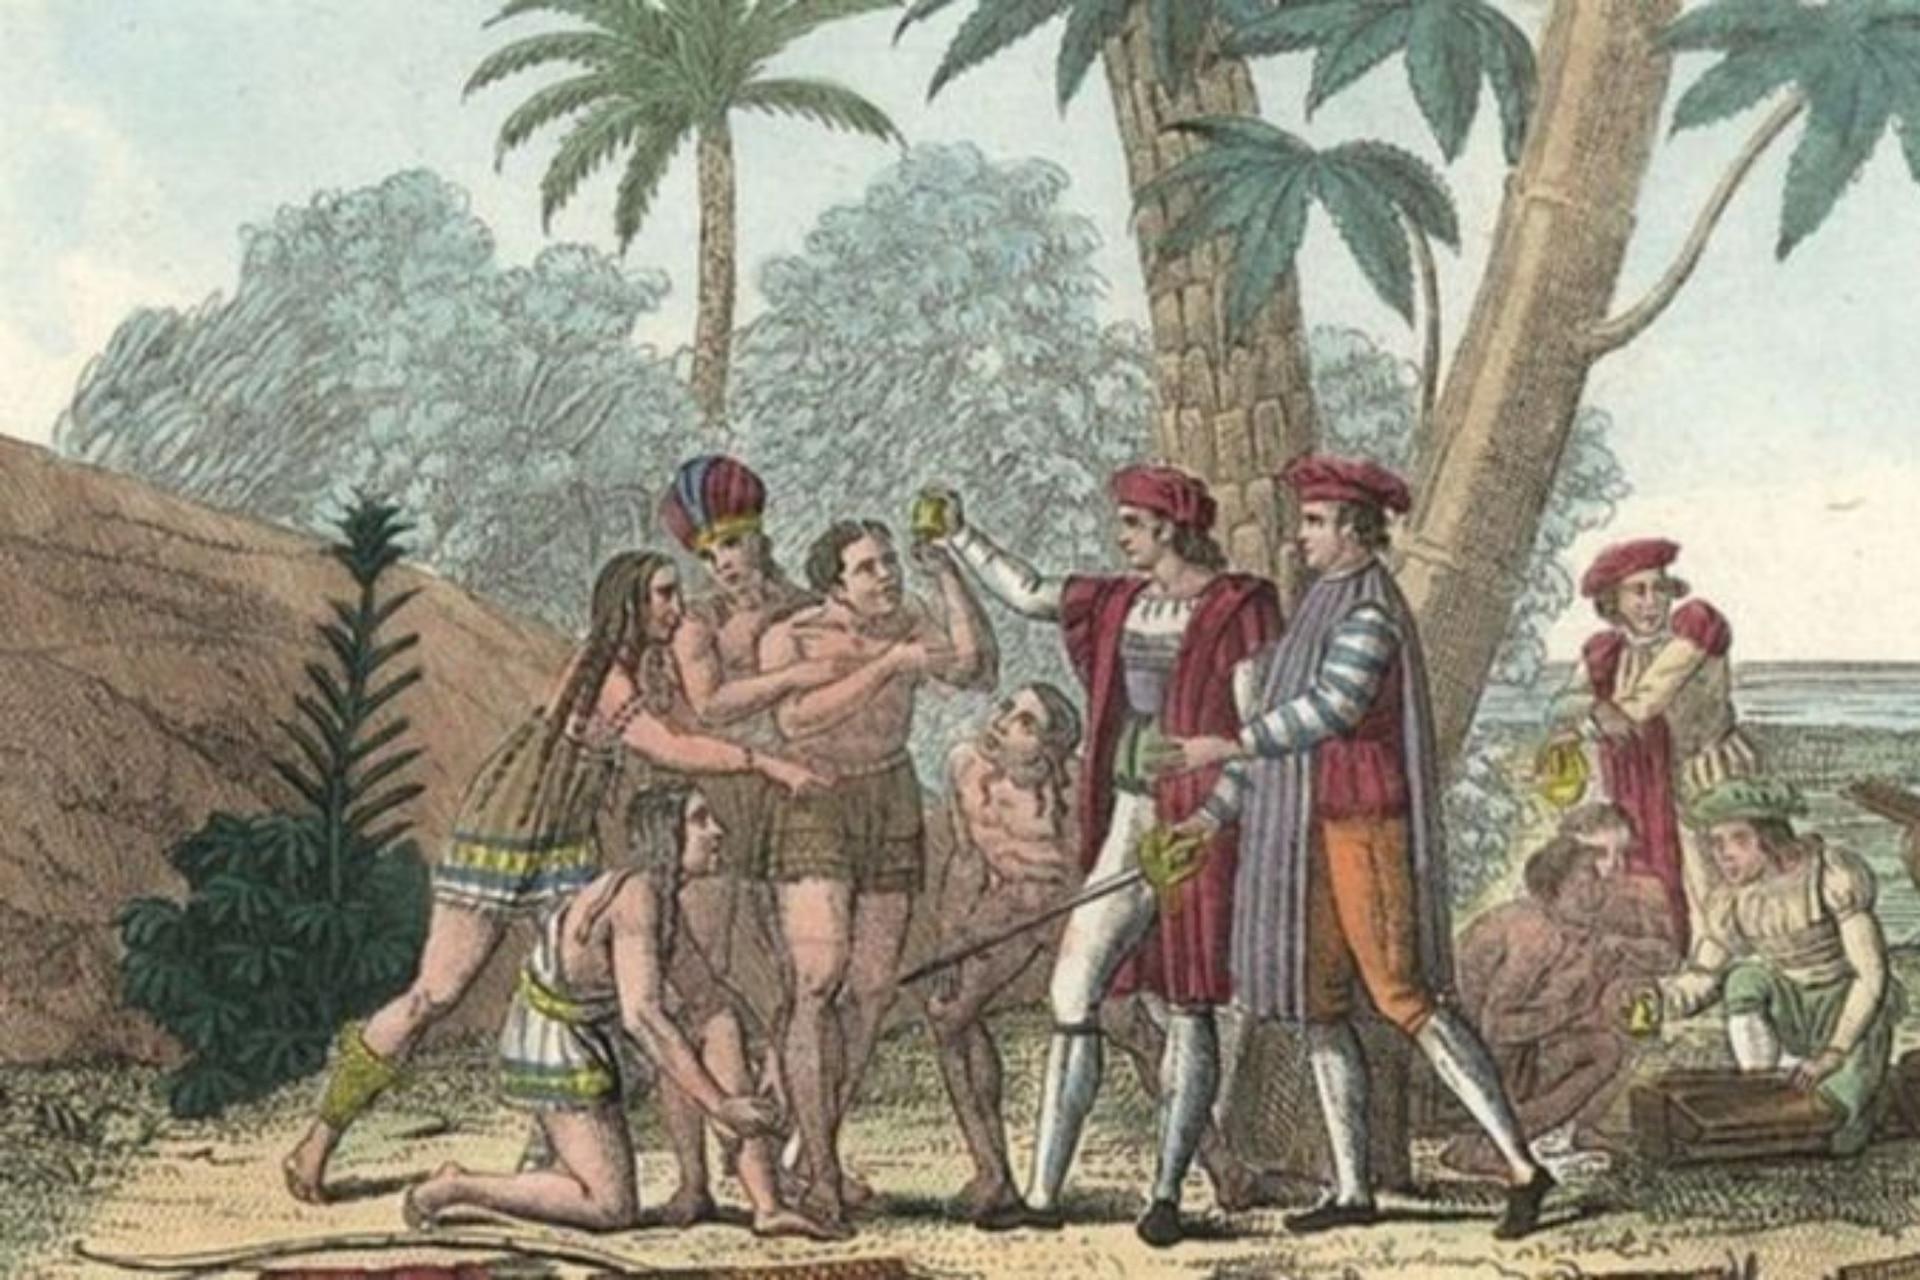 Cuando Cristóbal Colón pisó las Bahamas, las islas ya habrían estado habitada hacía más de 200 años. Archivo La Nación.